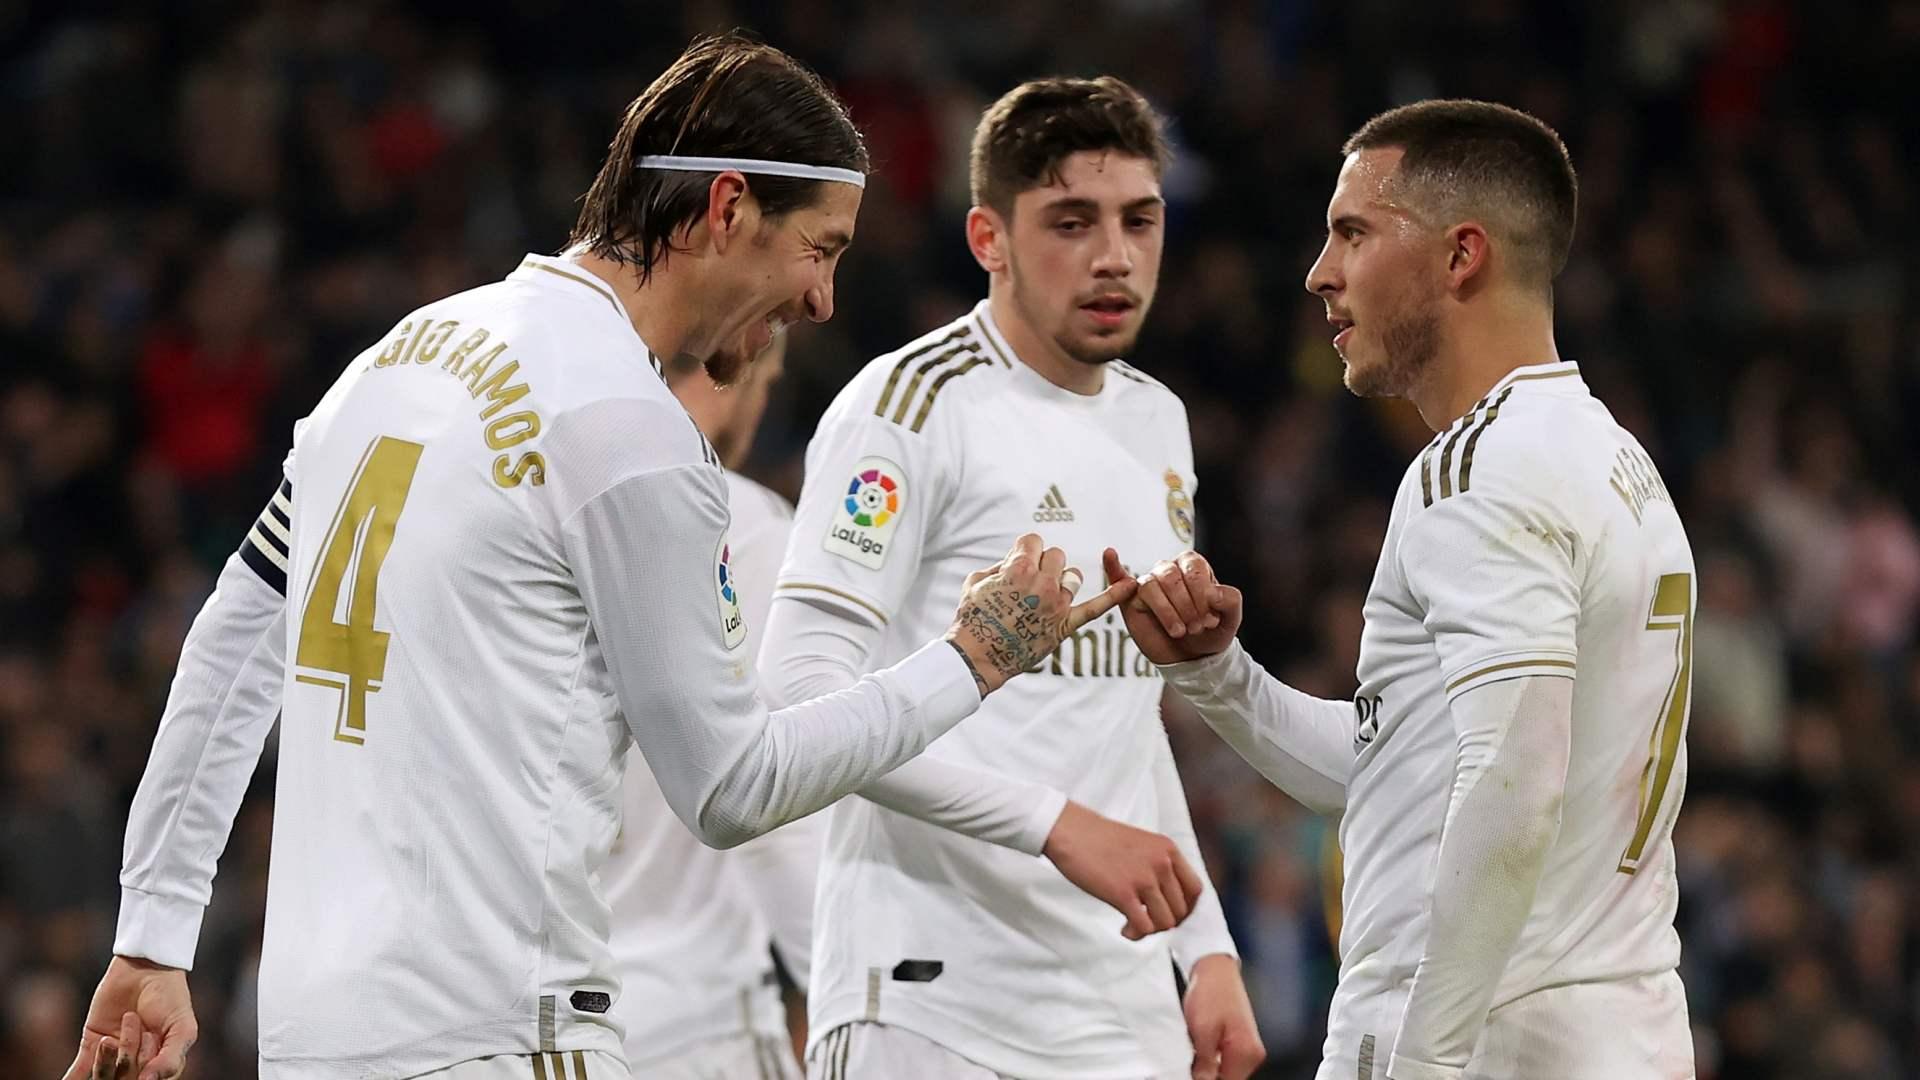 Le cas Eden Hazard inquiète le Real Madrid